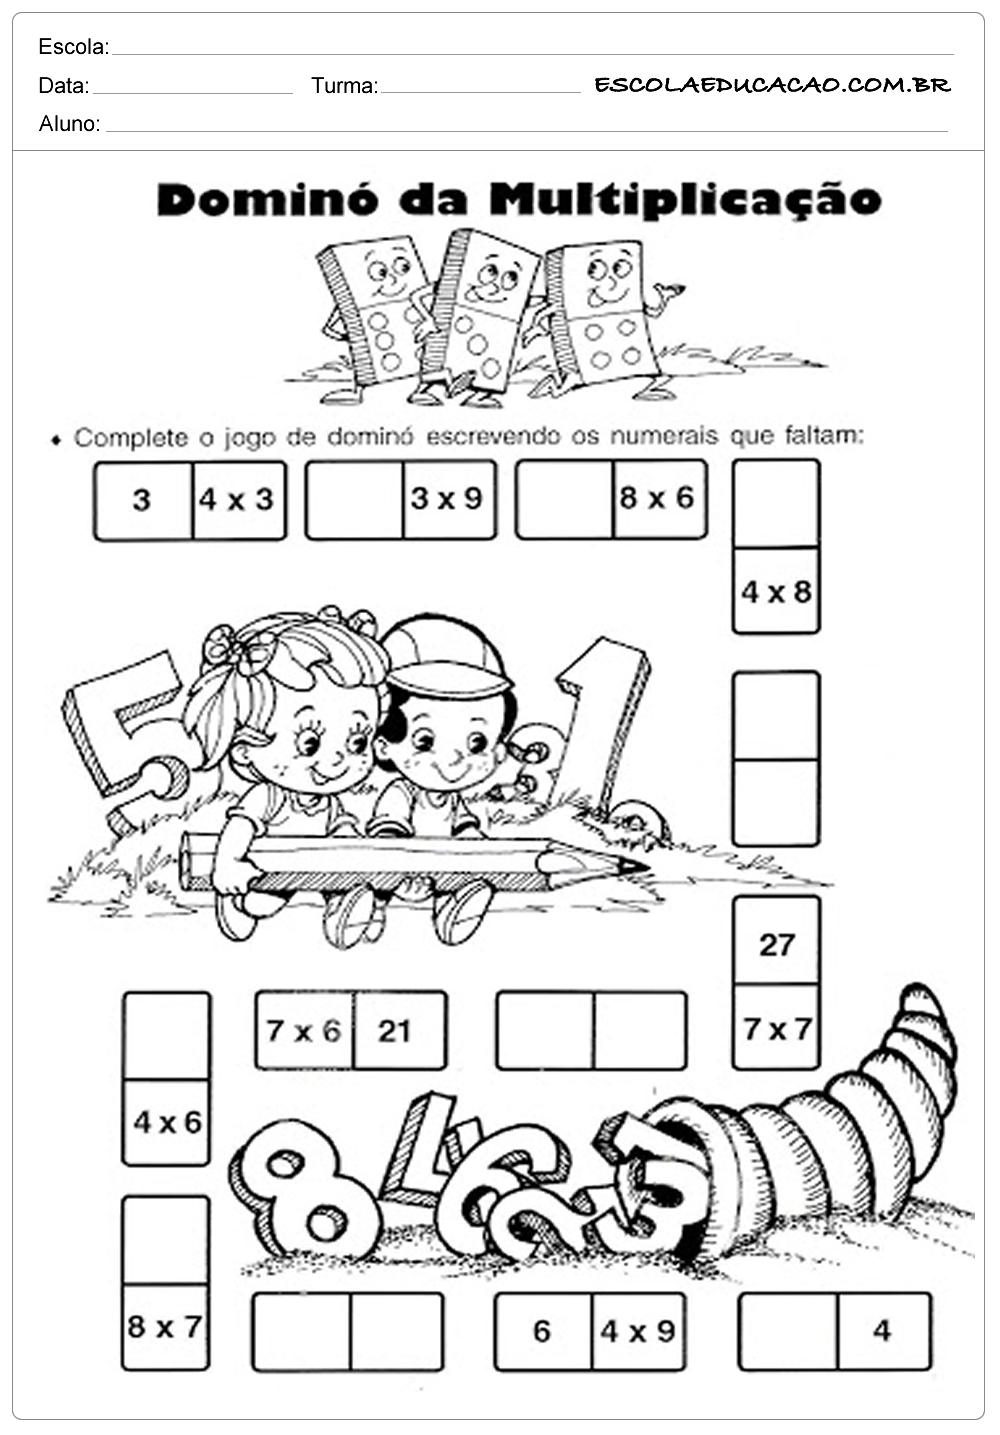 Atividades de Matemática 3º ano – Dominó da multiplicação